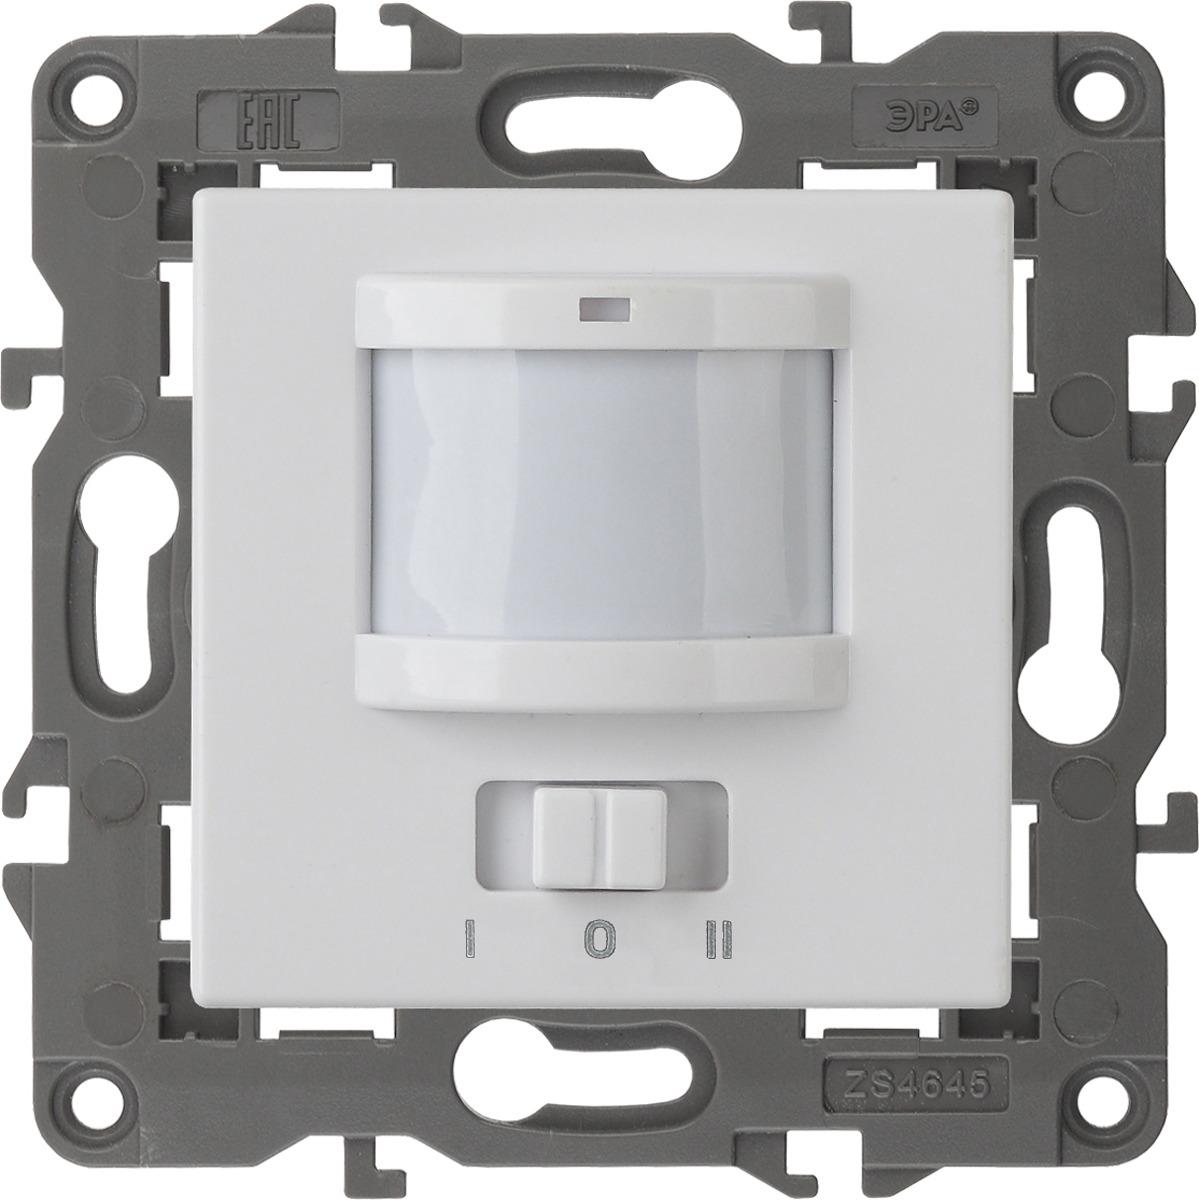 цены Датчик движения ЭРА Elegance, 2-проводной, 14-4103-01, белый, 180-250В, 200Вт